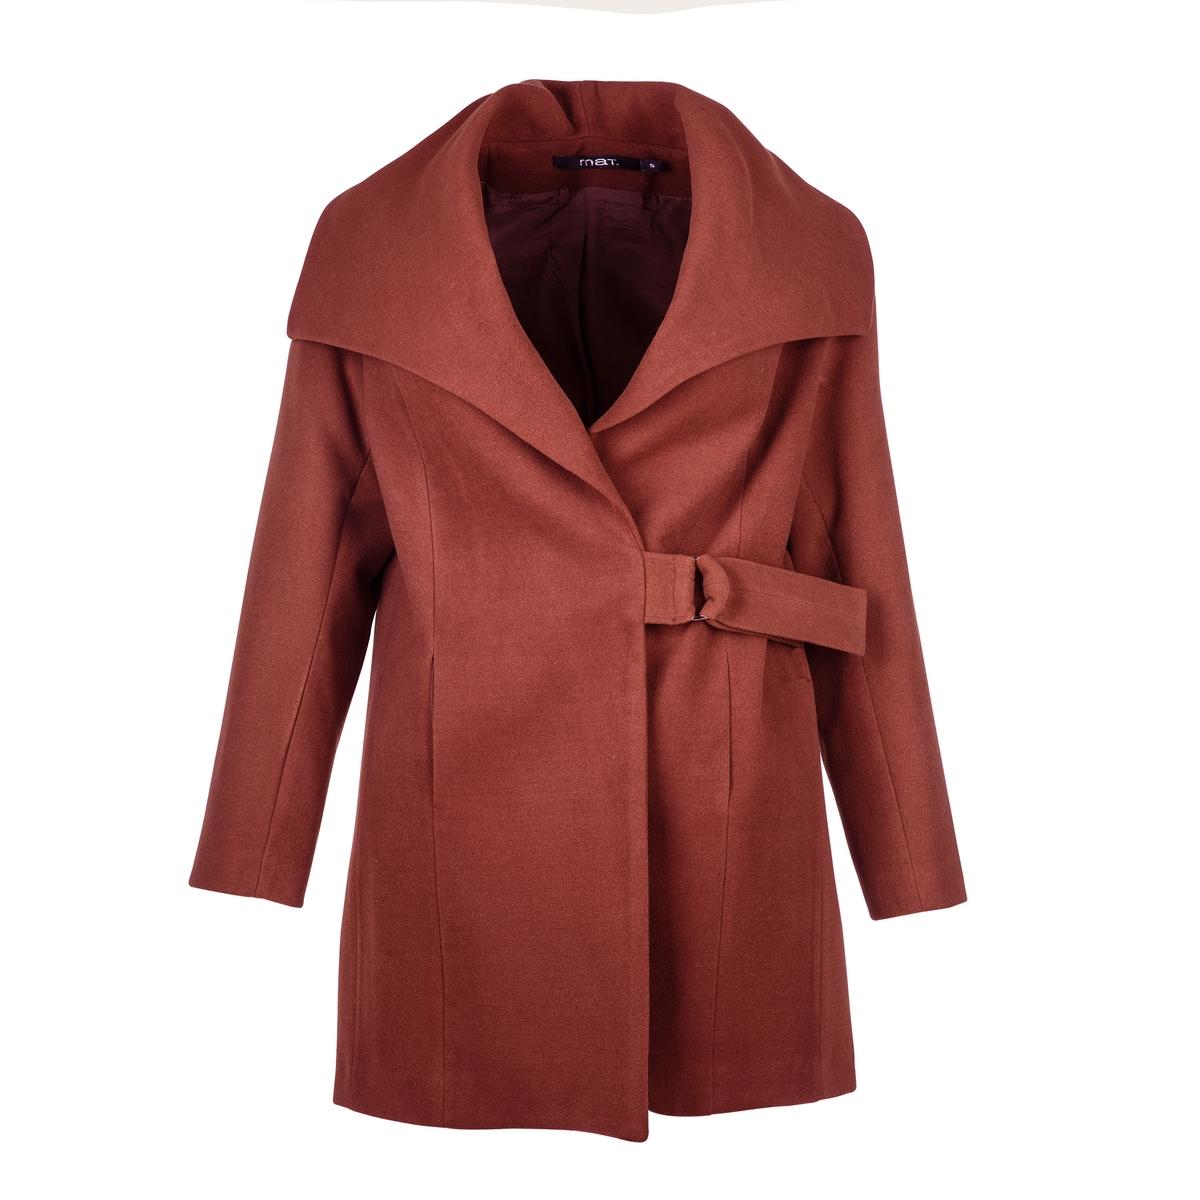 ПальтоПальто MAT FASHION. 80% полиамида, 18% вискозы, 2% эластана.Элегантное пальто с поясом. Длинные рукава.<br><br>Цвет: красный/ кирпичный<br>Размер: 44/46 (FR) - 50/52 (RUS).52/54 (FR) - 58/60 (RUS)